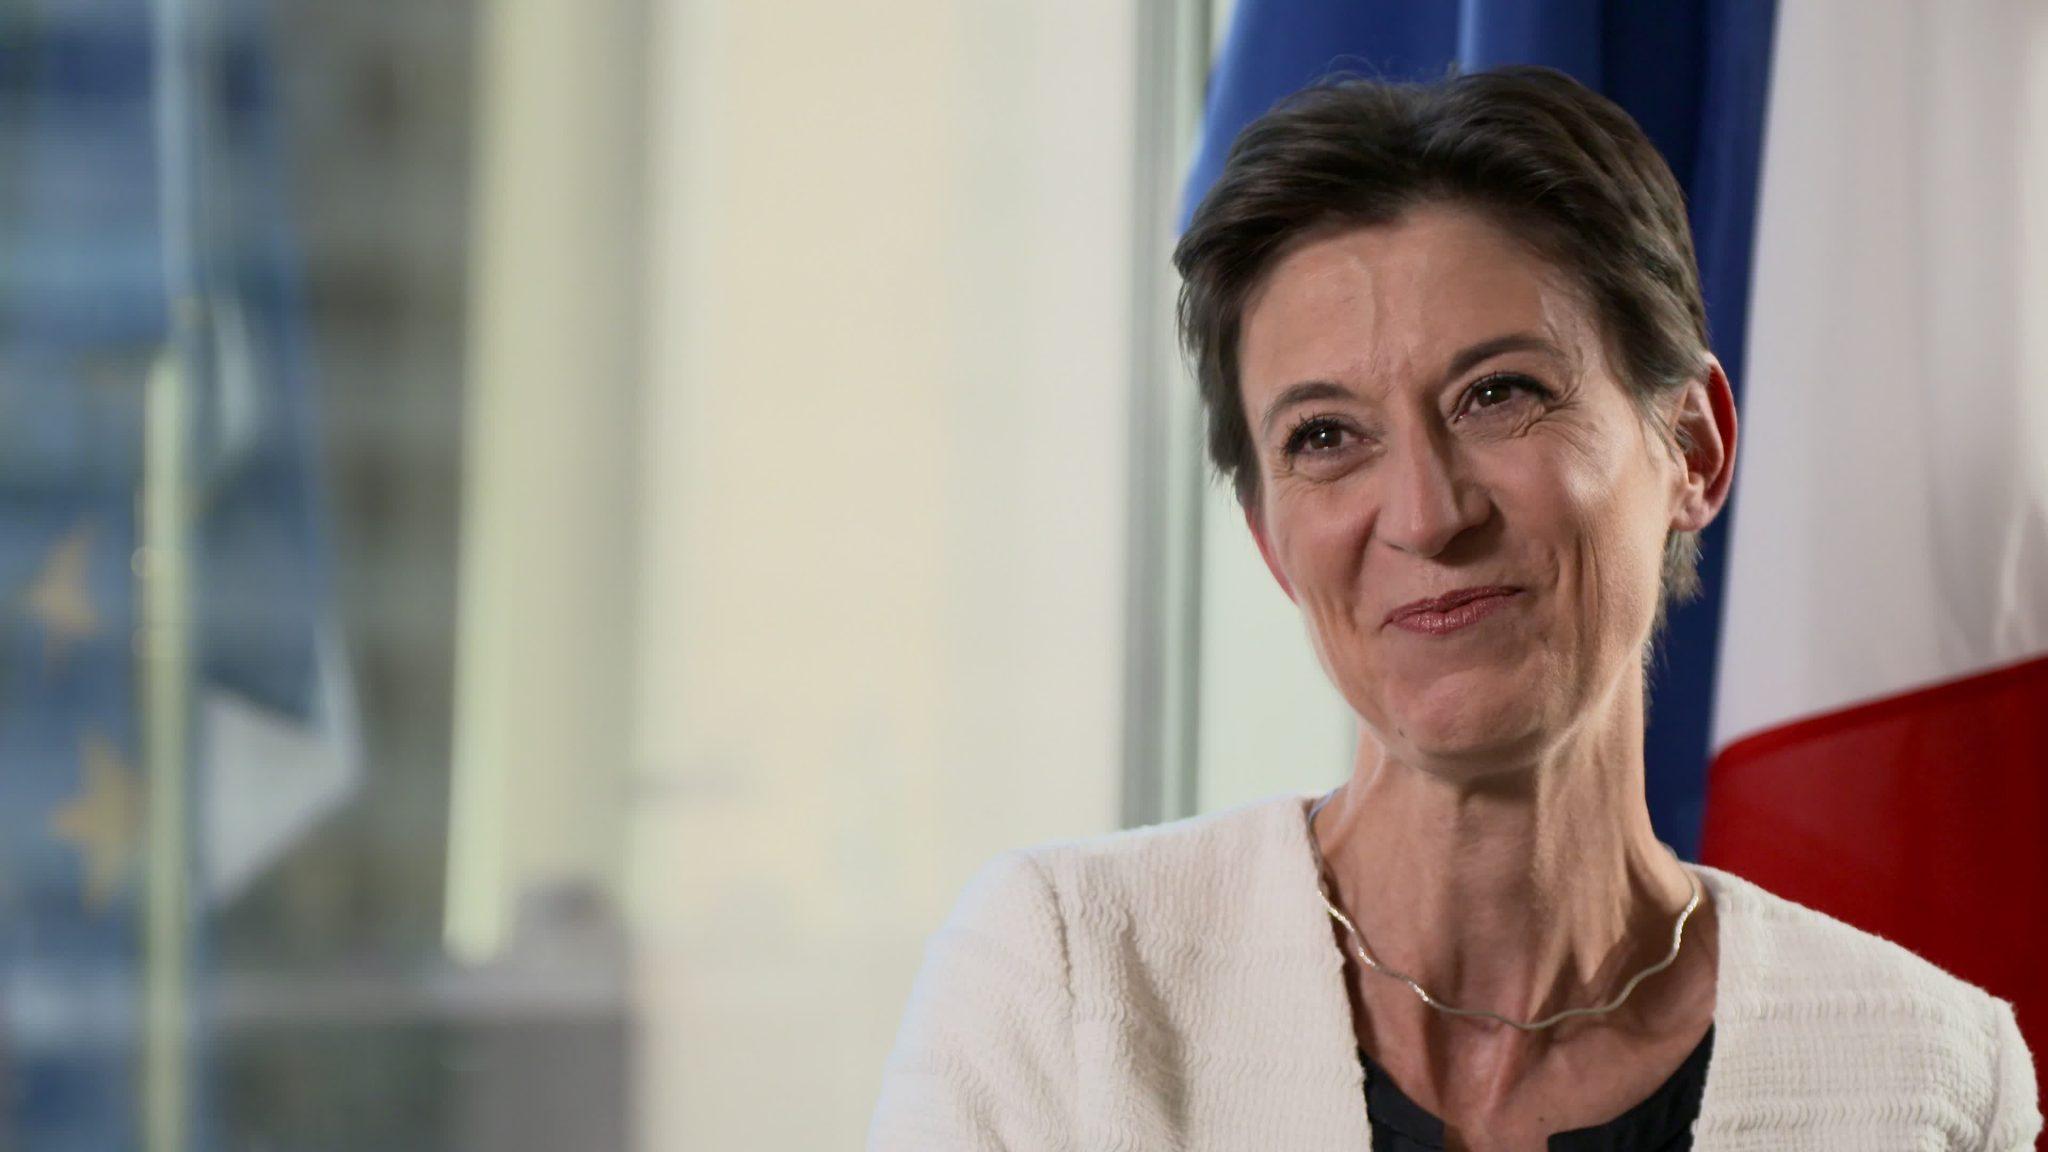 Le 14 juillet, TV5 salue ces Français qui ont choisi le Québec